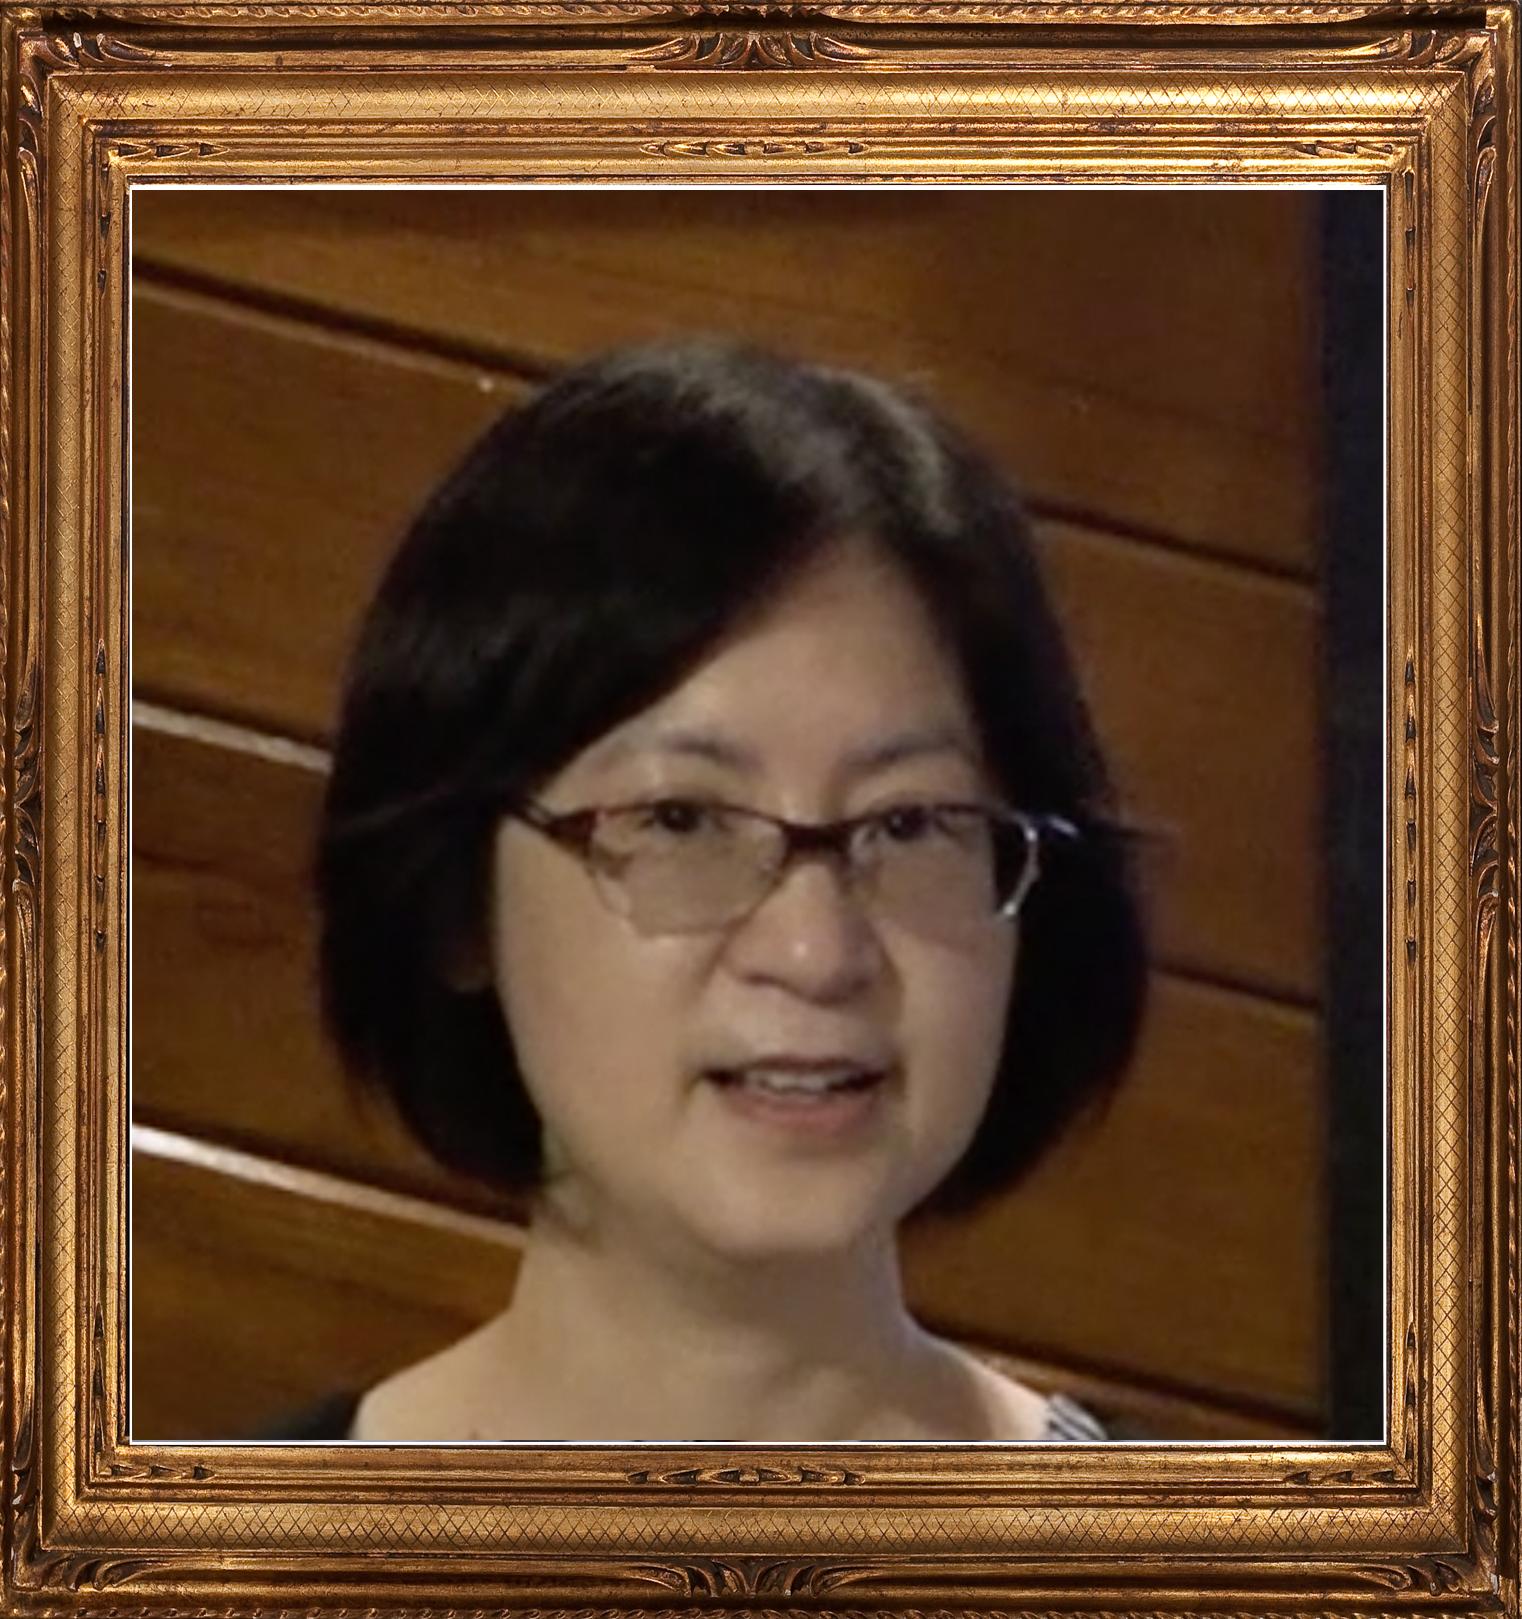 譚楊美寶博士